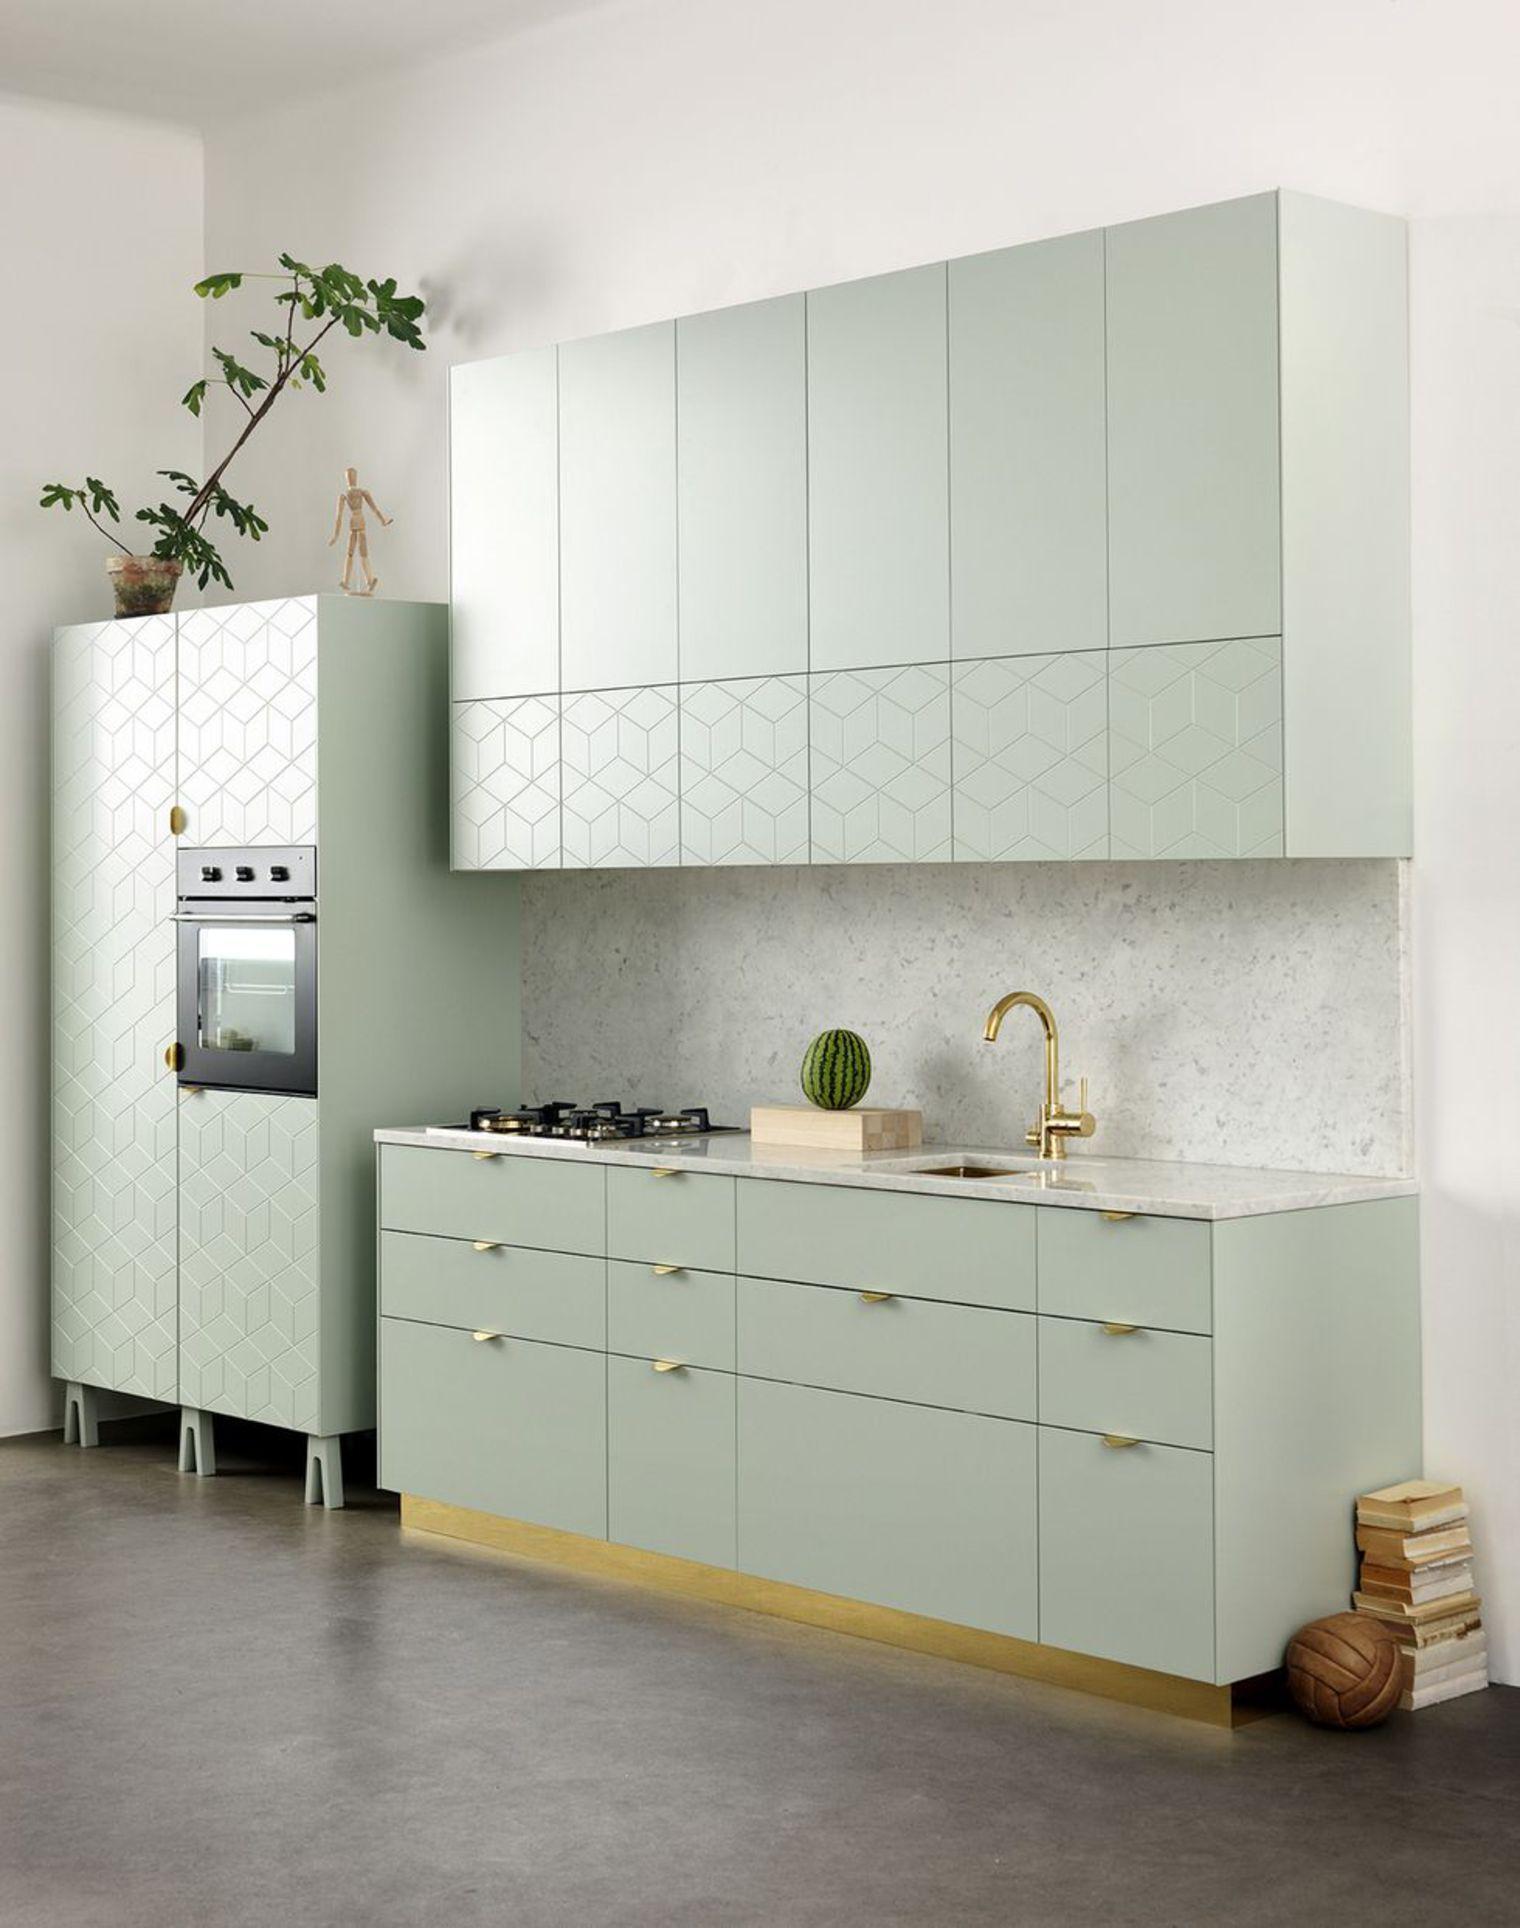 Aménager petite cuisine : 12 idées relooking   Kitchen stories ...